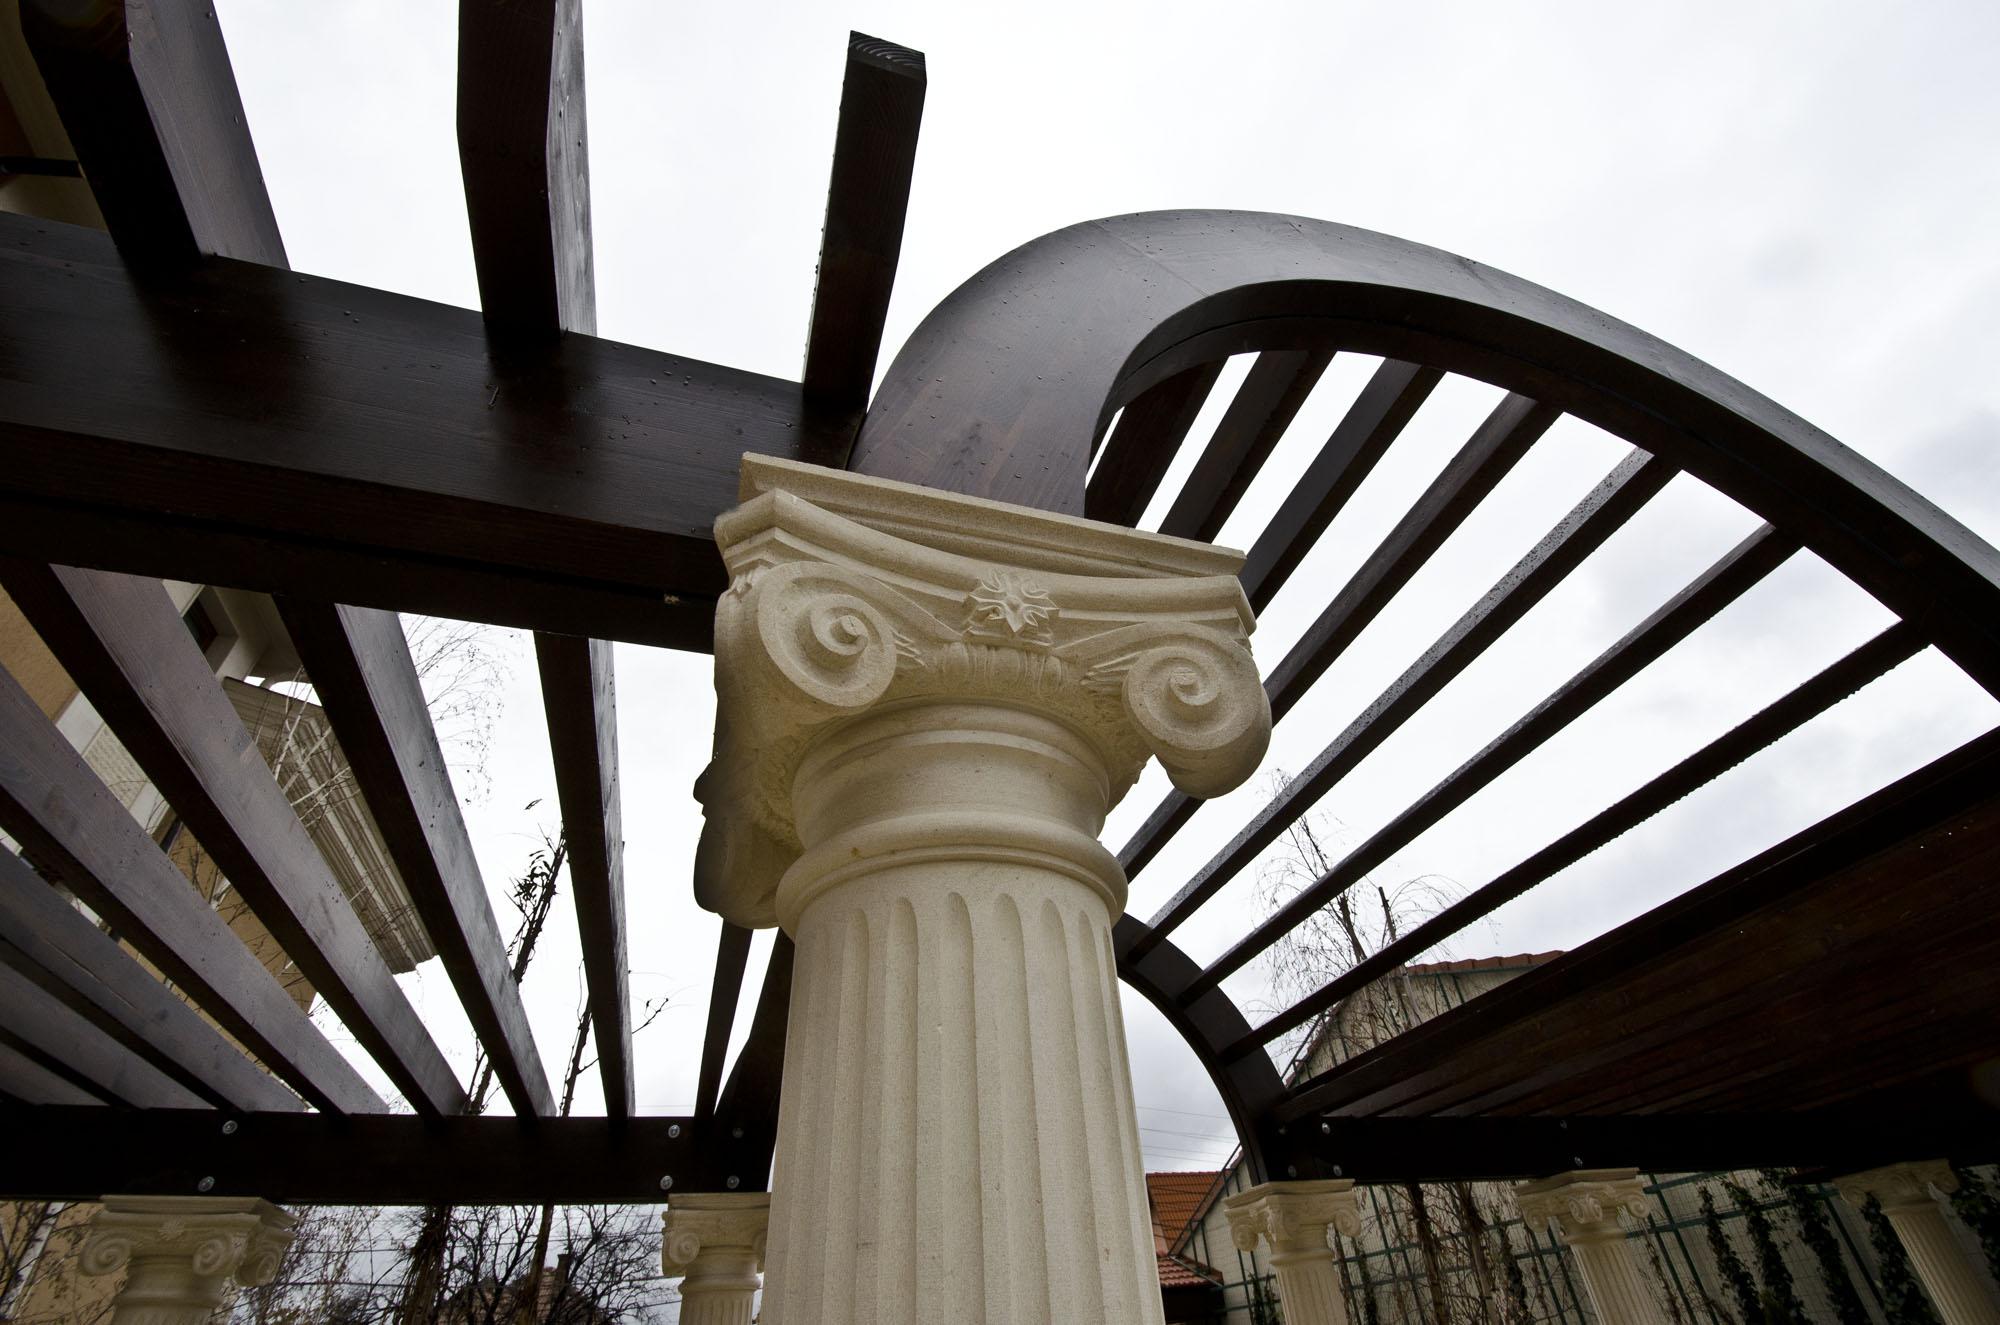 Elemente arhitecturale LEVENTE COMPANIE - Poza 12